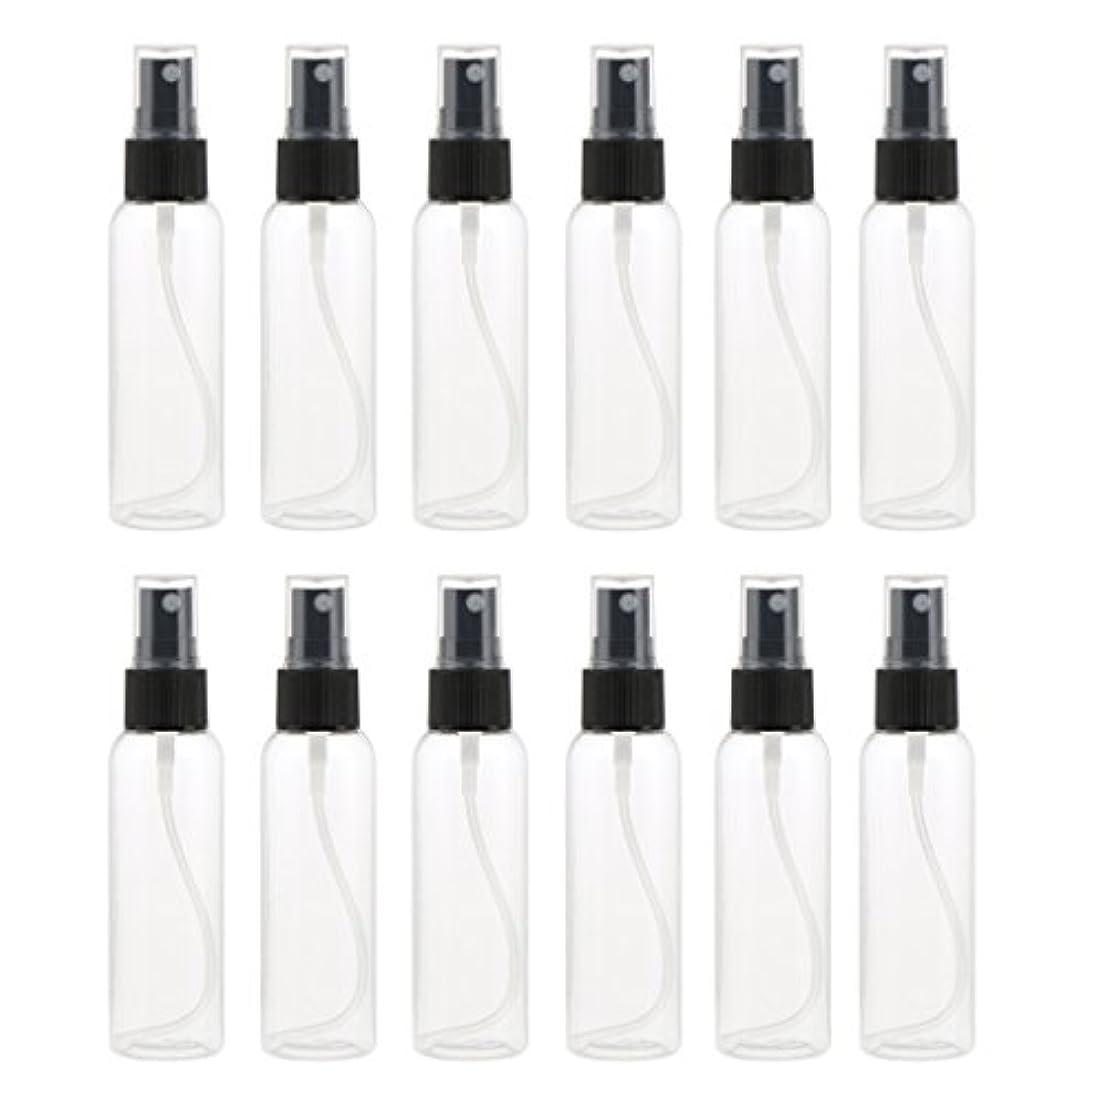 改革水っぽいフラッシュのように素早くお買得 プラスチック 分装瓶 スプレーボトル ミストアトマイザー 液体香水 詰め替え 旅行用 60ml 12PCS - ブラック